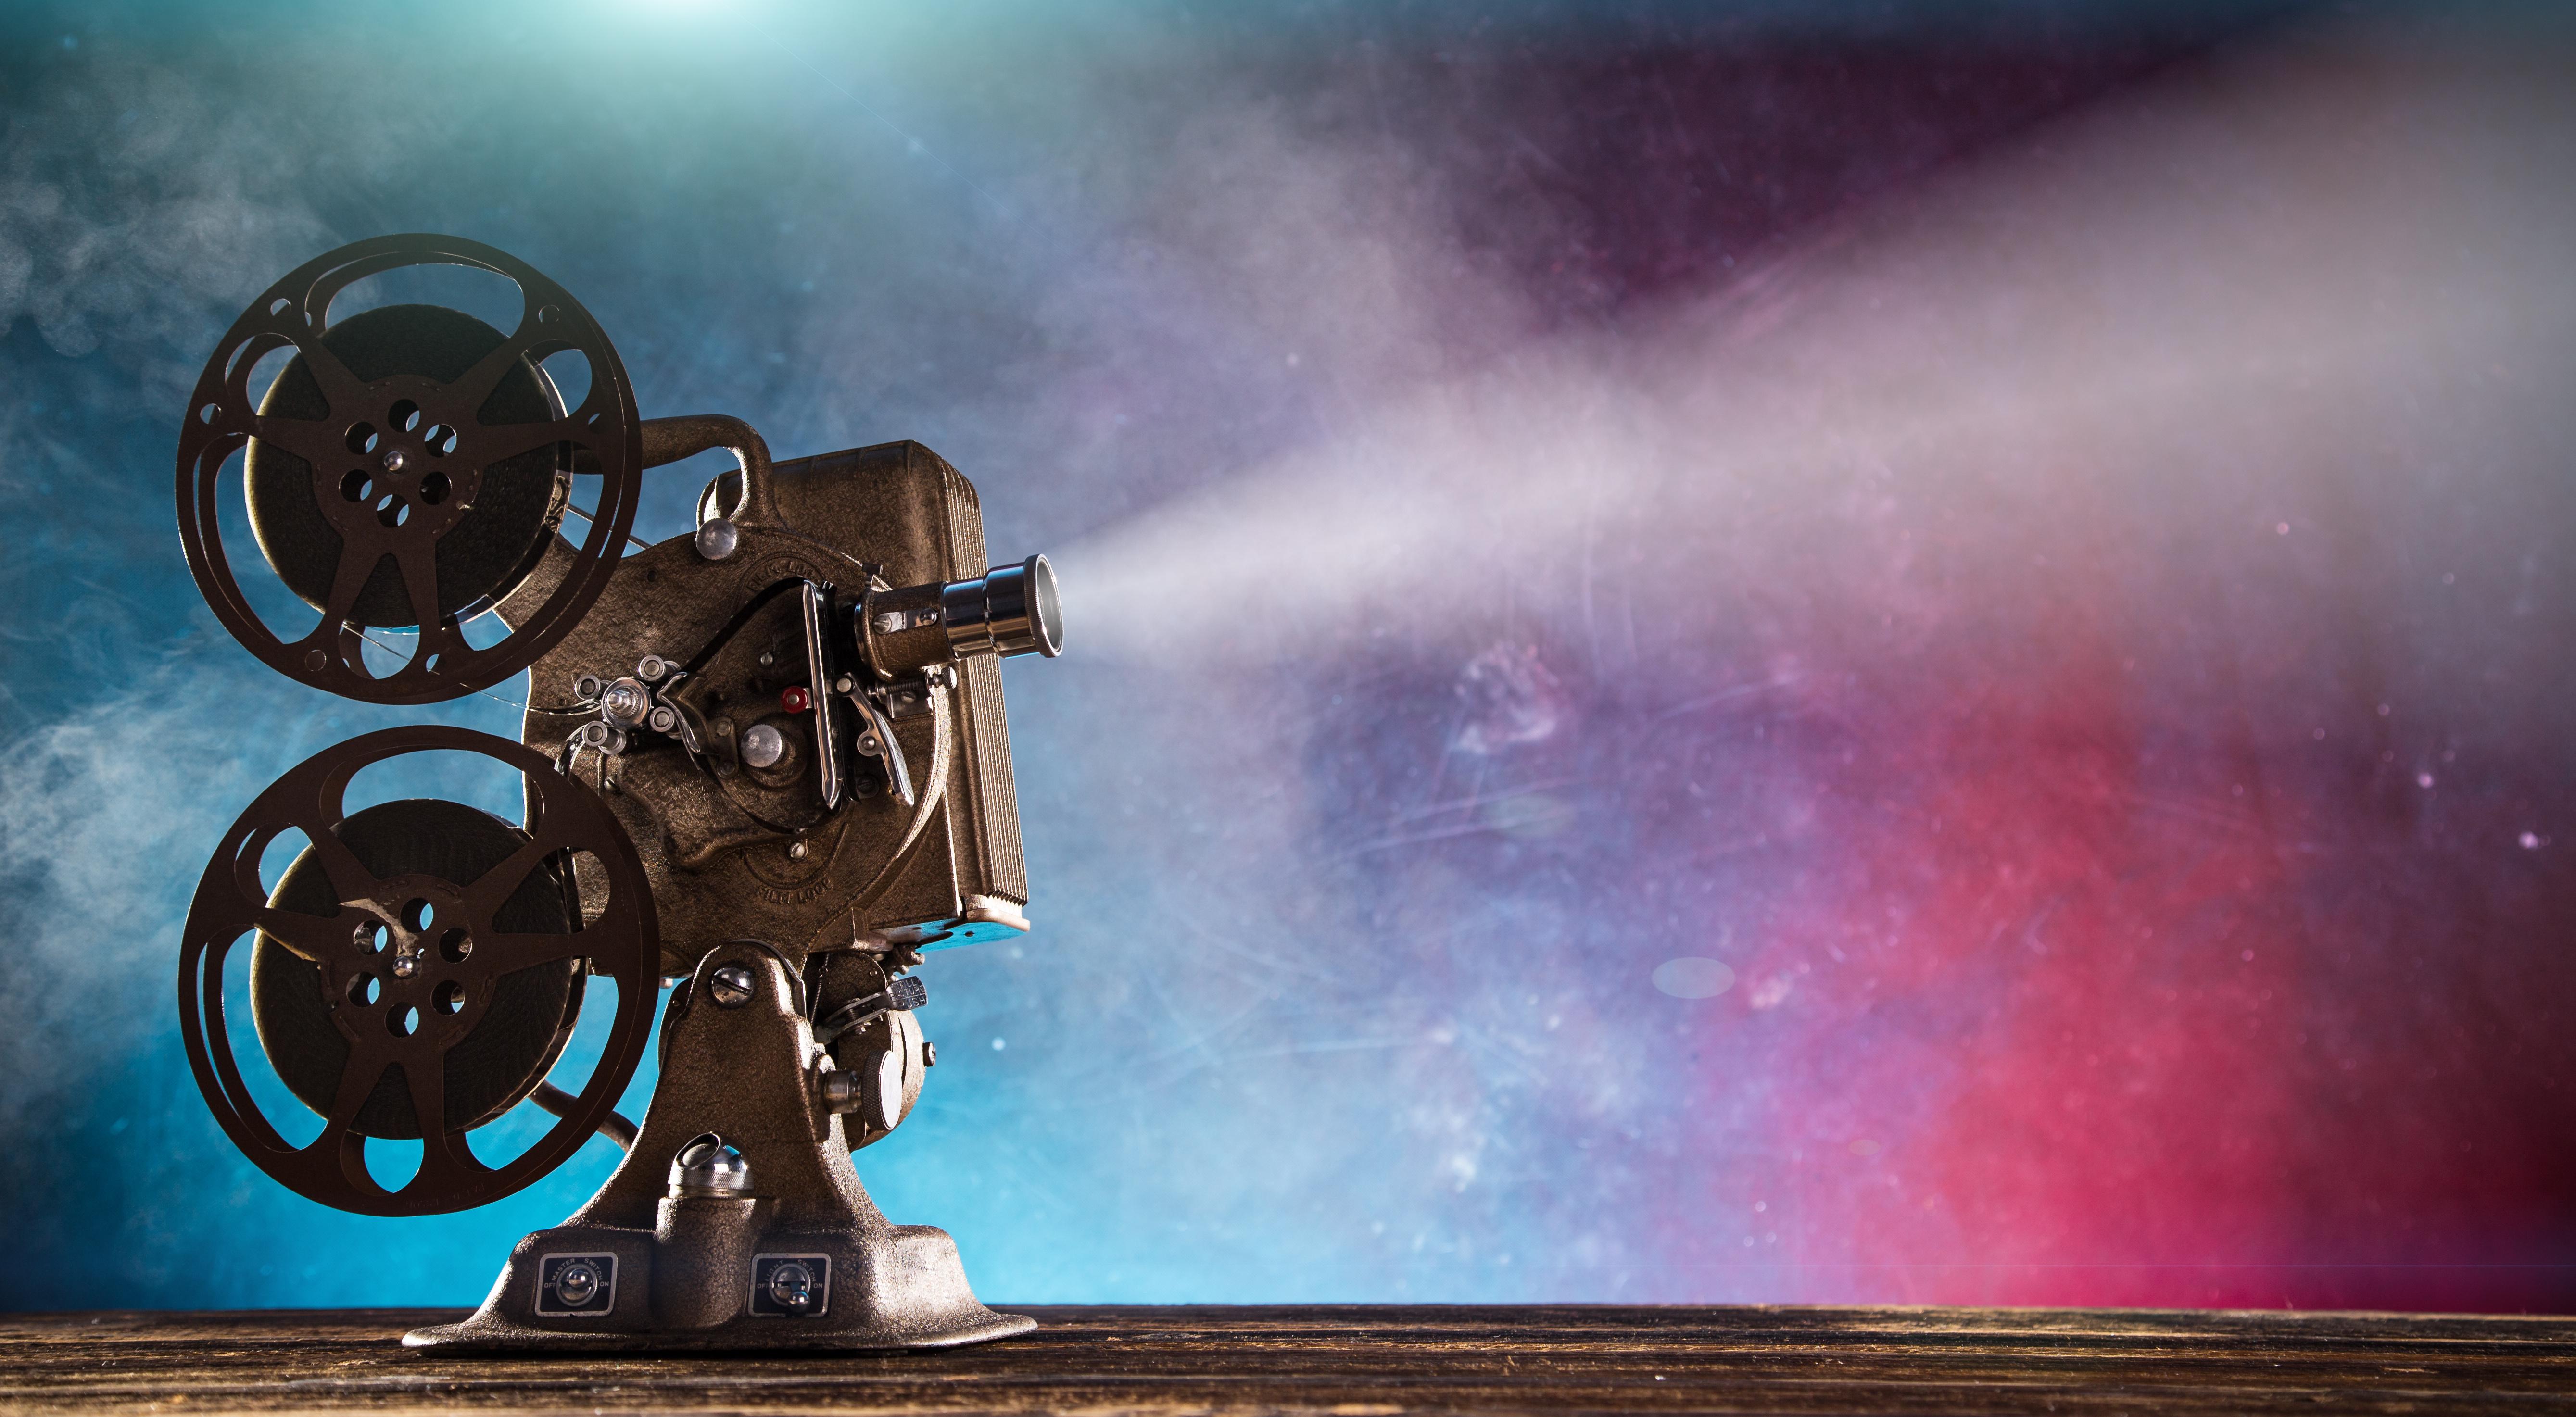 Cine projector shutterstock_594844265 co